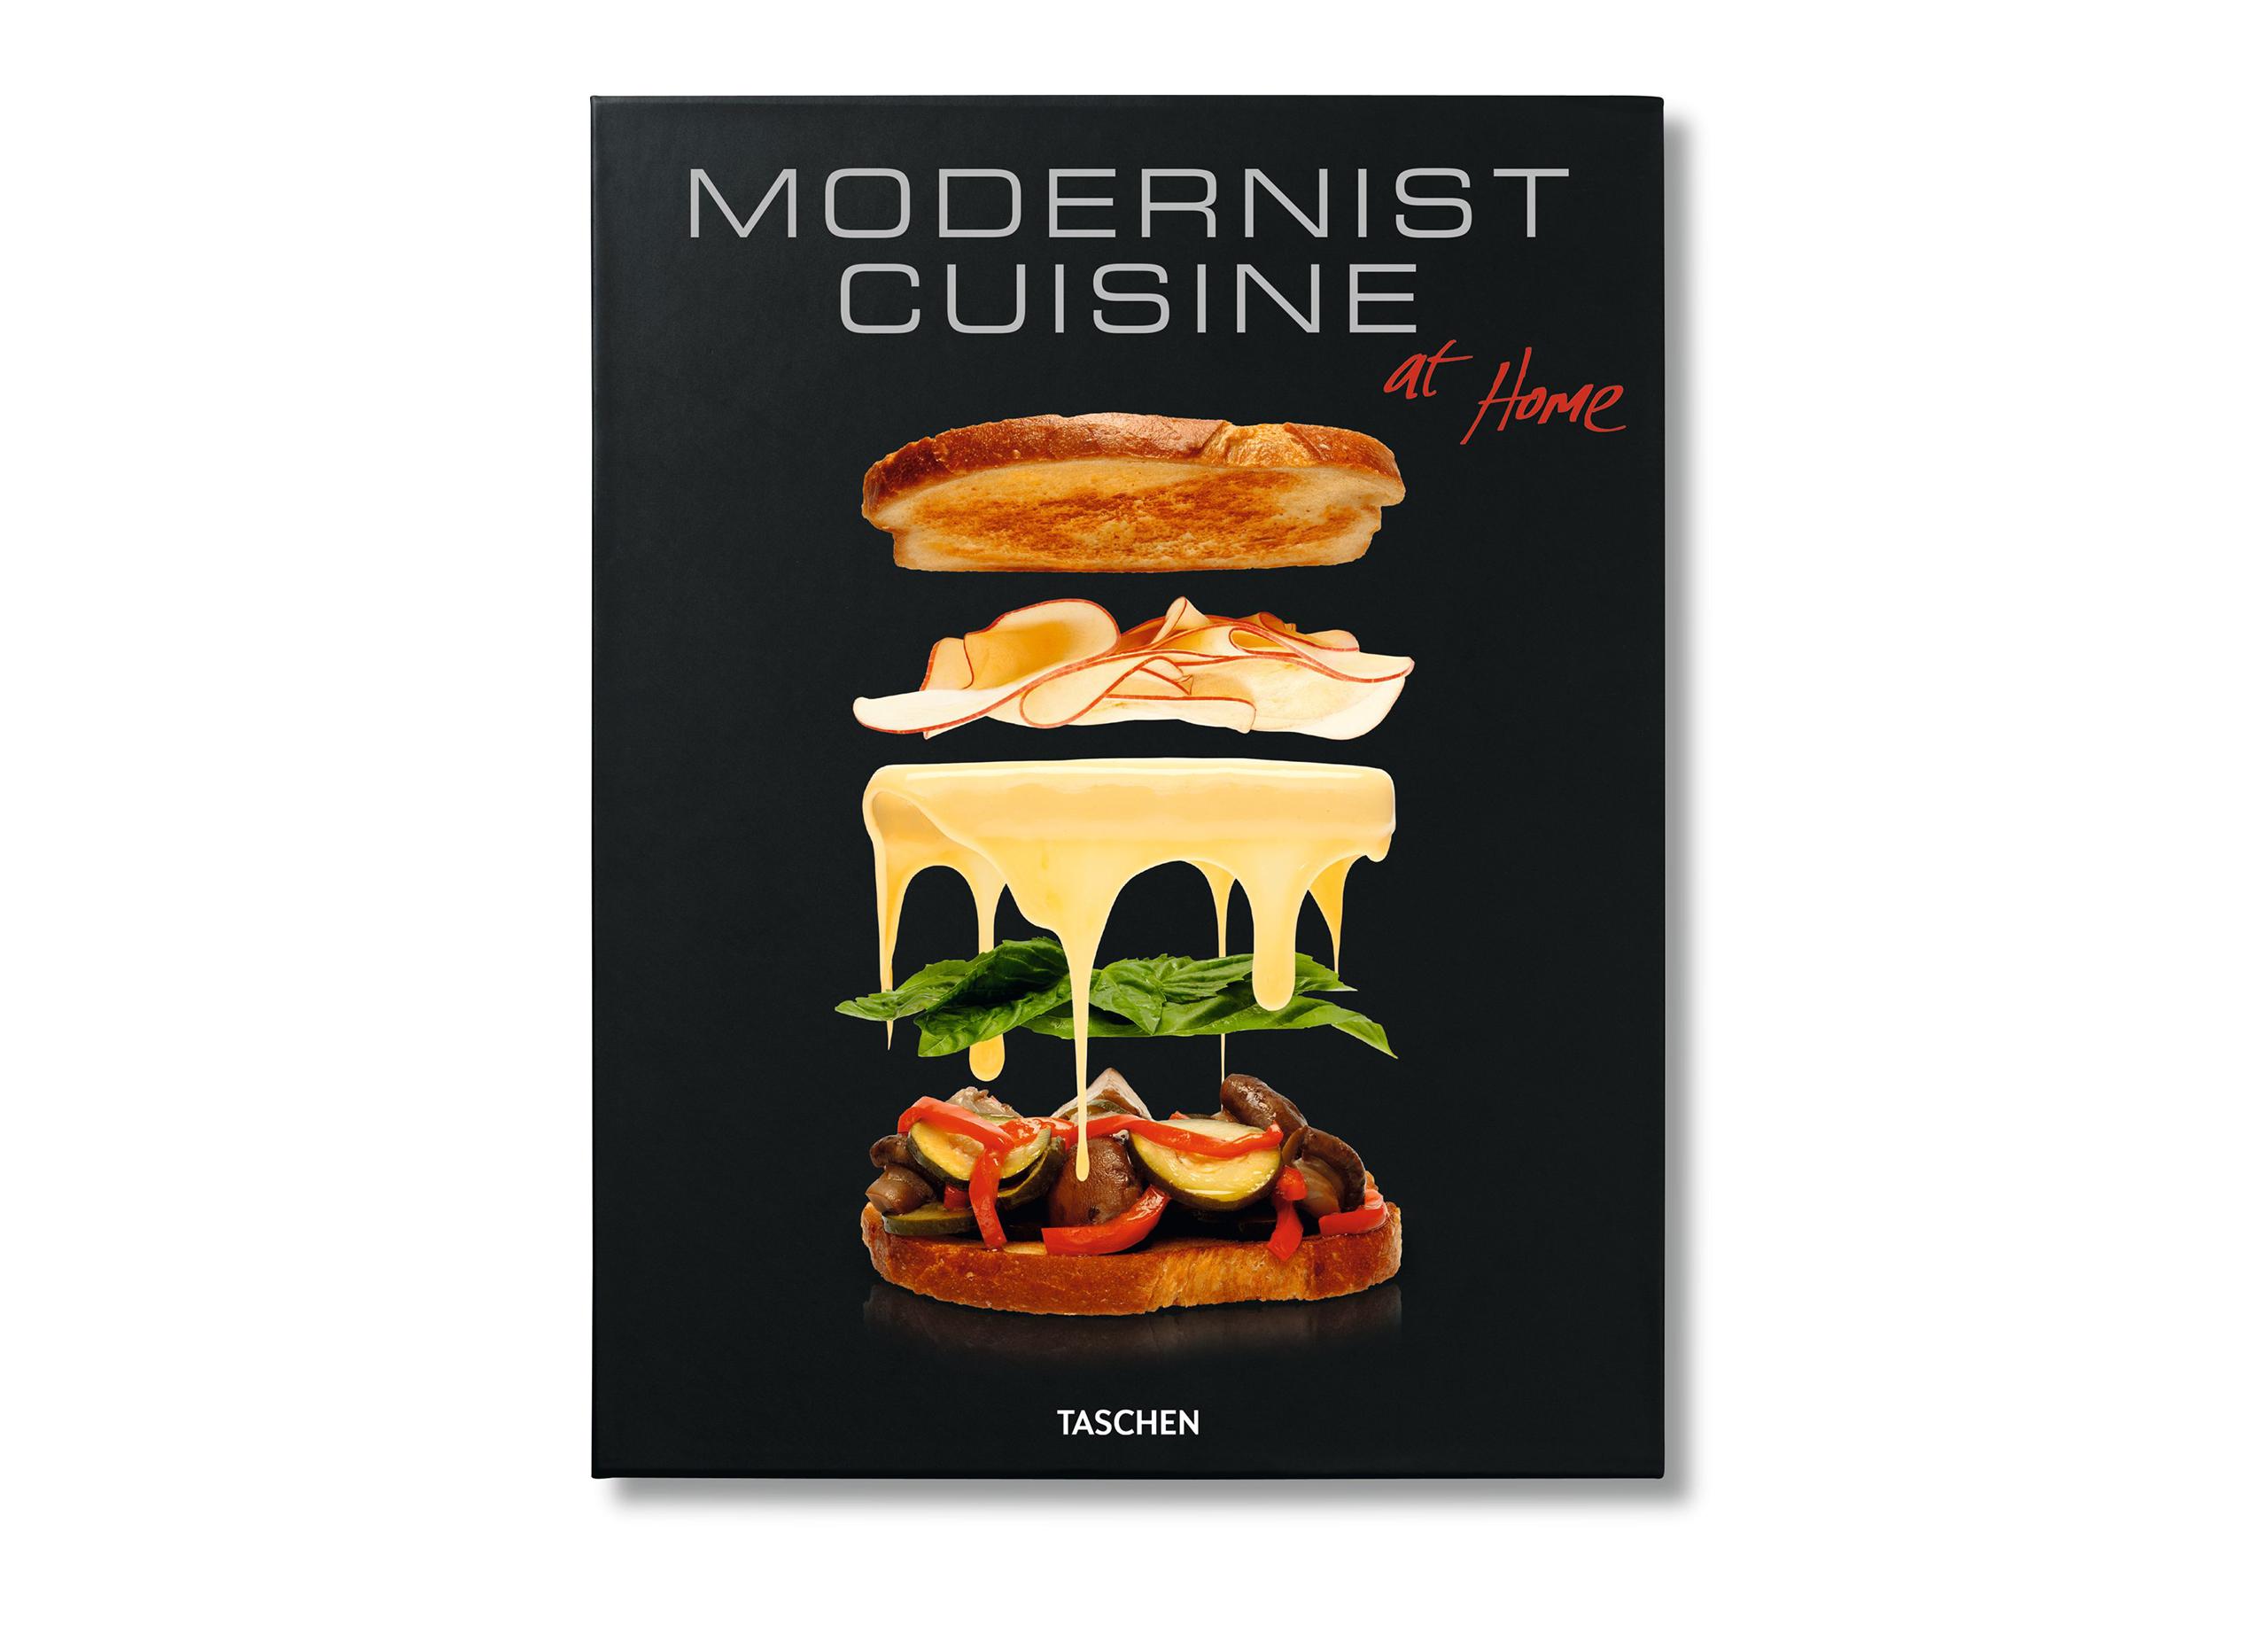 Taschen | Modernist Cuisine at Home | The Qvest Shop